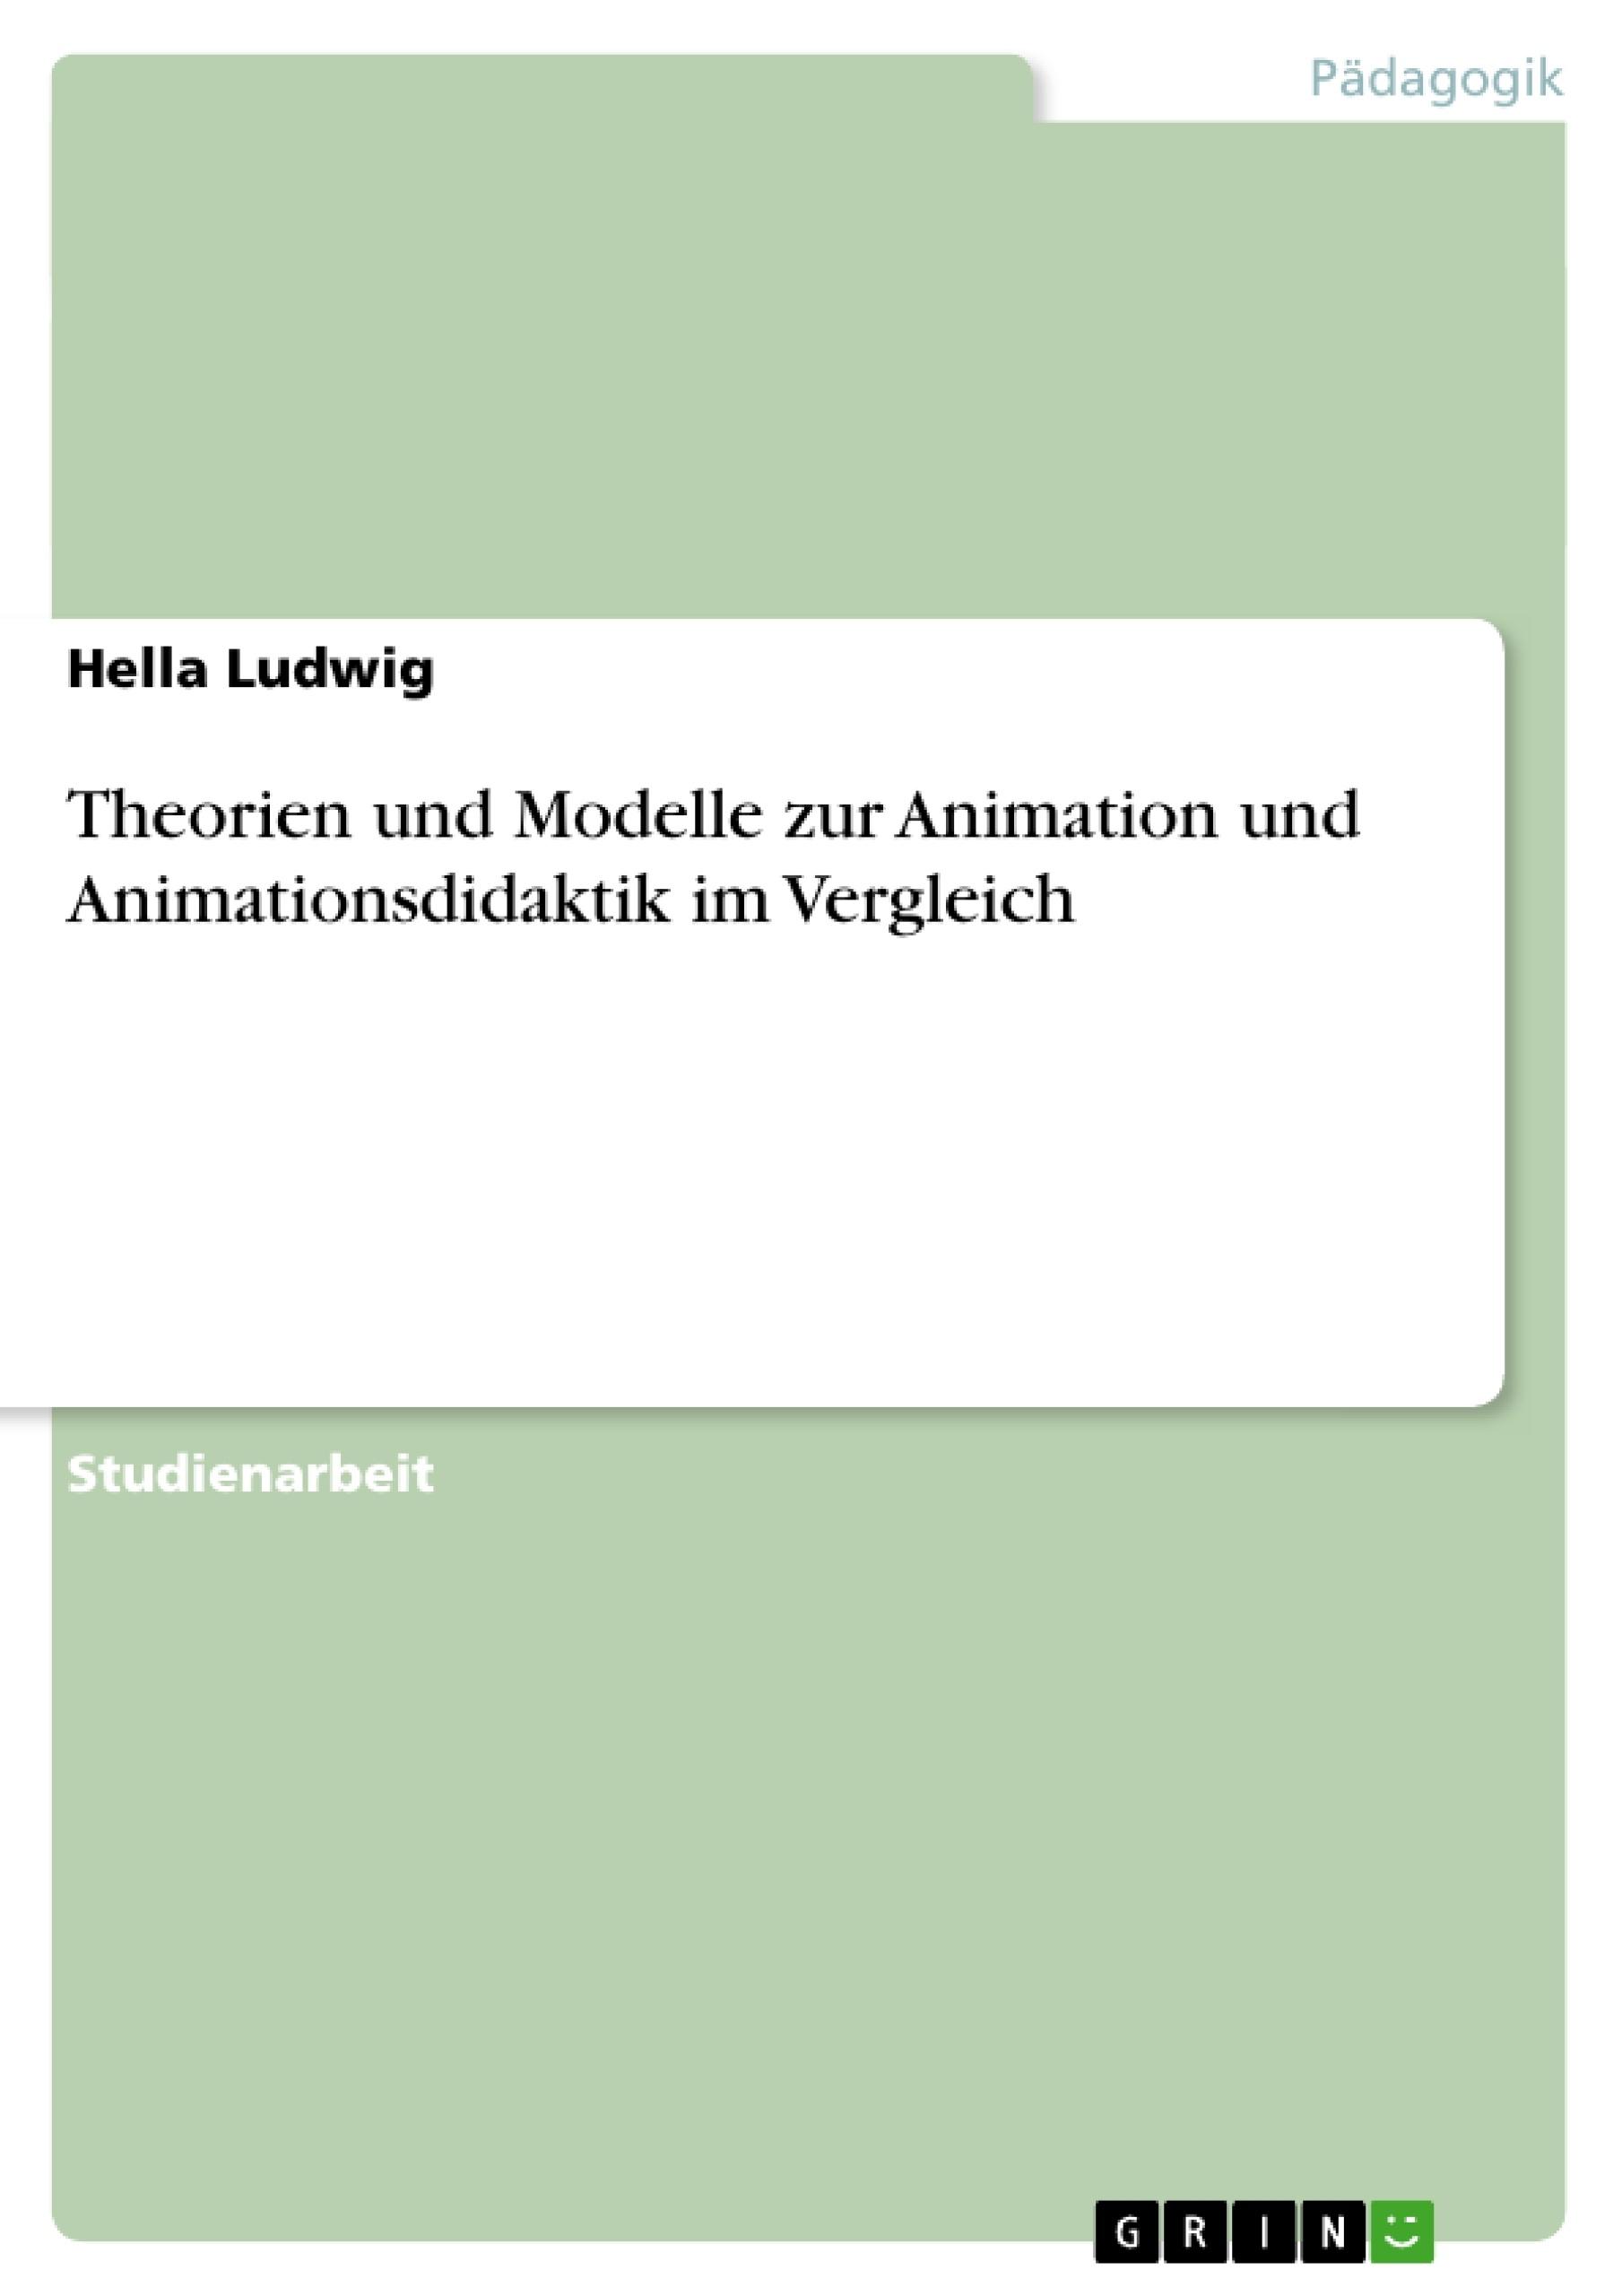 Titel: Theorien und Modelle zur Animation und Animationsdidaktik im Vergleich